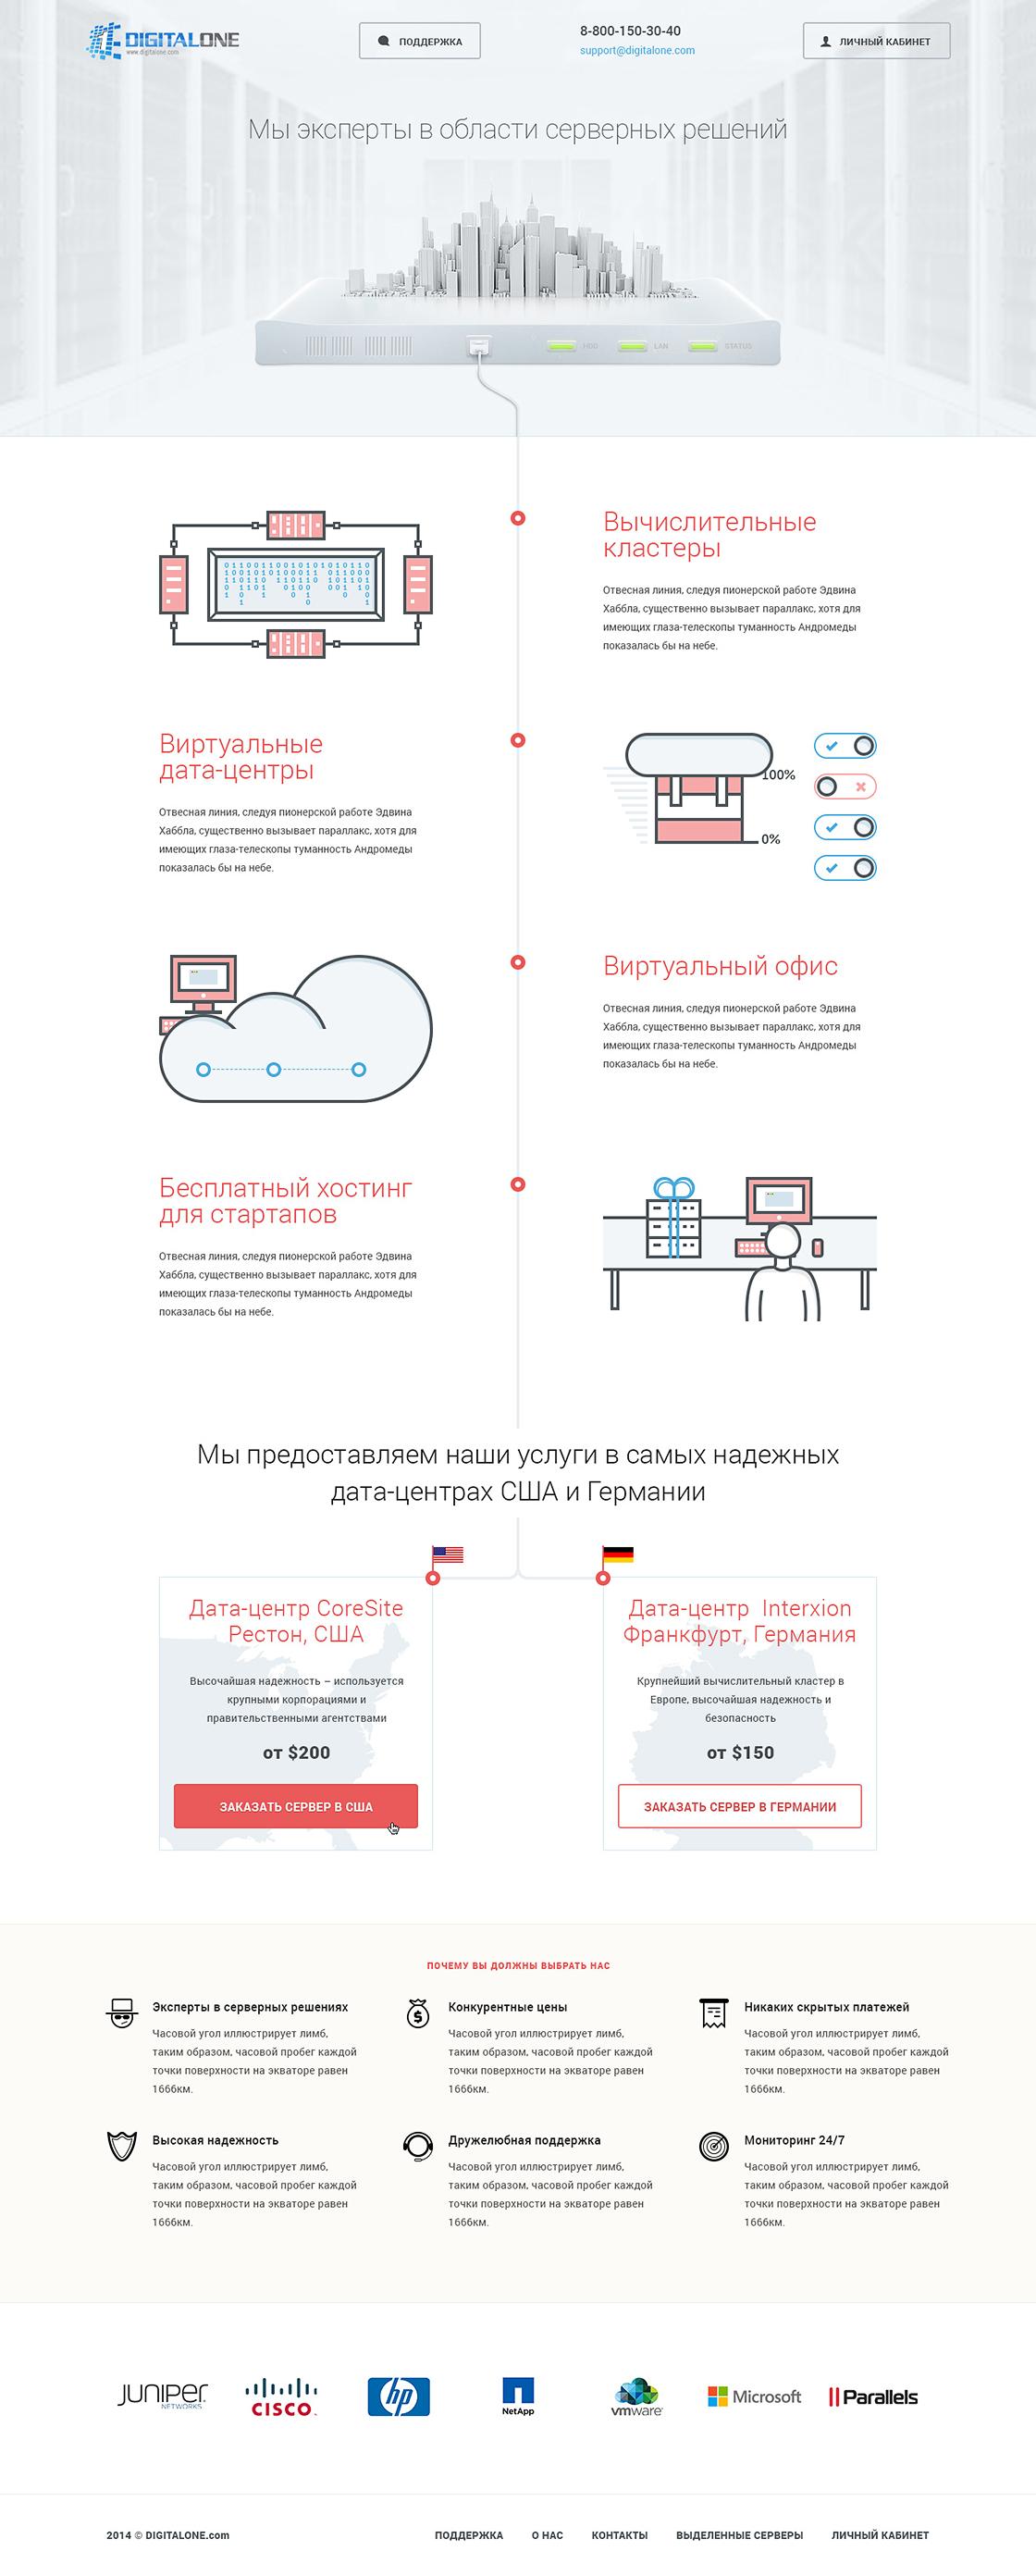 DigitalOne - Эксперты в области серверных решений